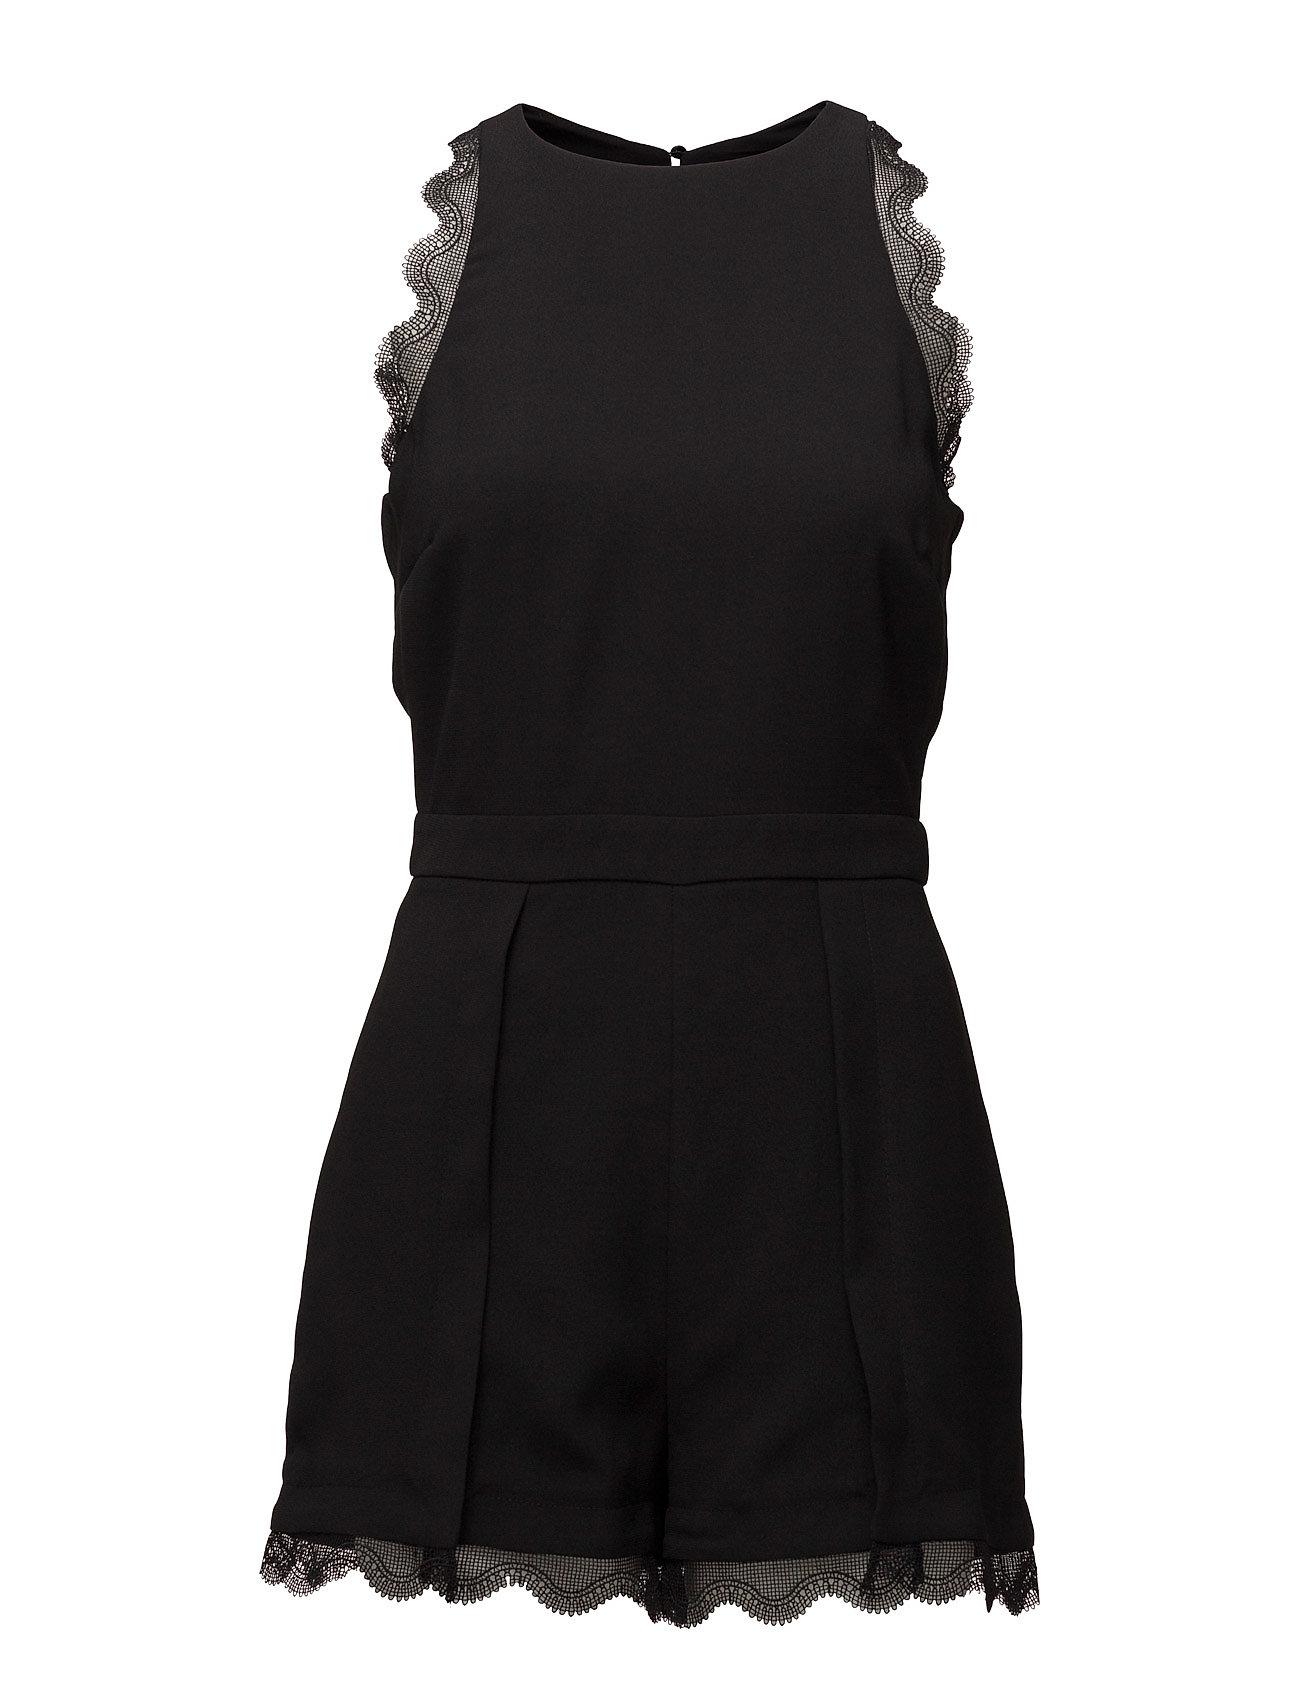 Blond-Lace Appliqu Jumpsuit Mango  til Damer i Sort